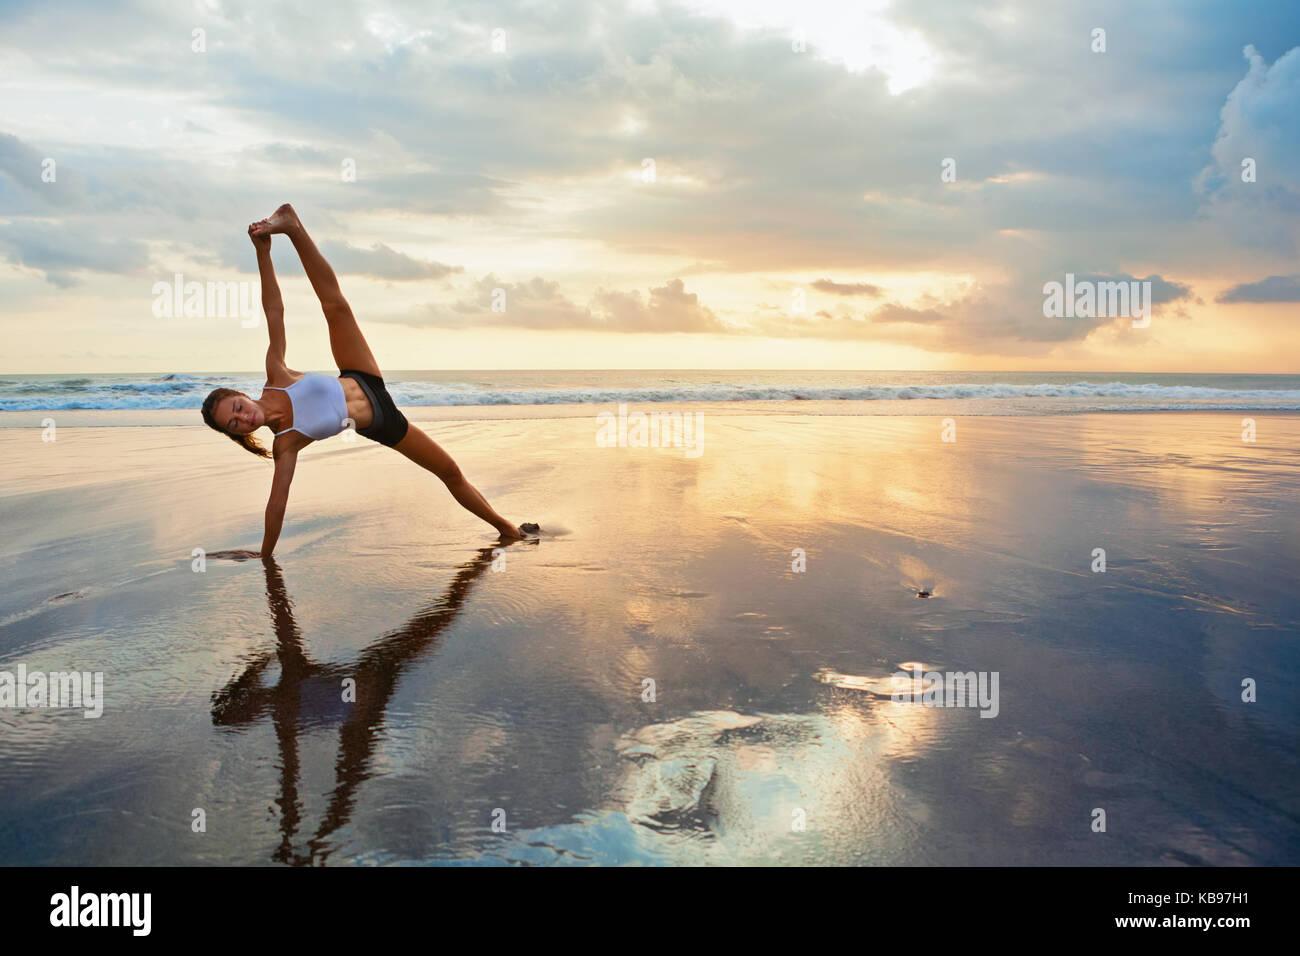 La meditazione sul Cielo di tramonto sfondo. giovane donna attiva nello yoga pone sul mare spiaggia, stretching Foto Stock